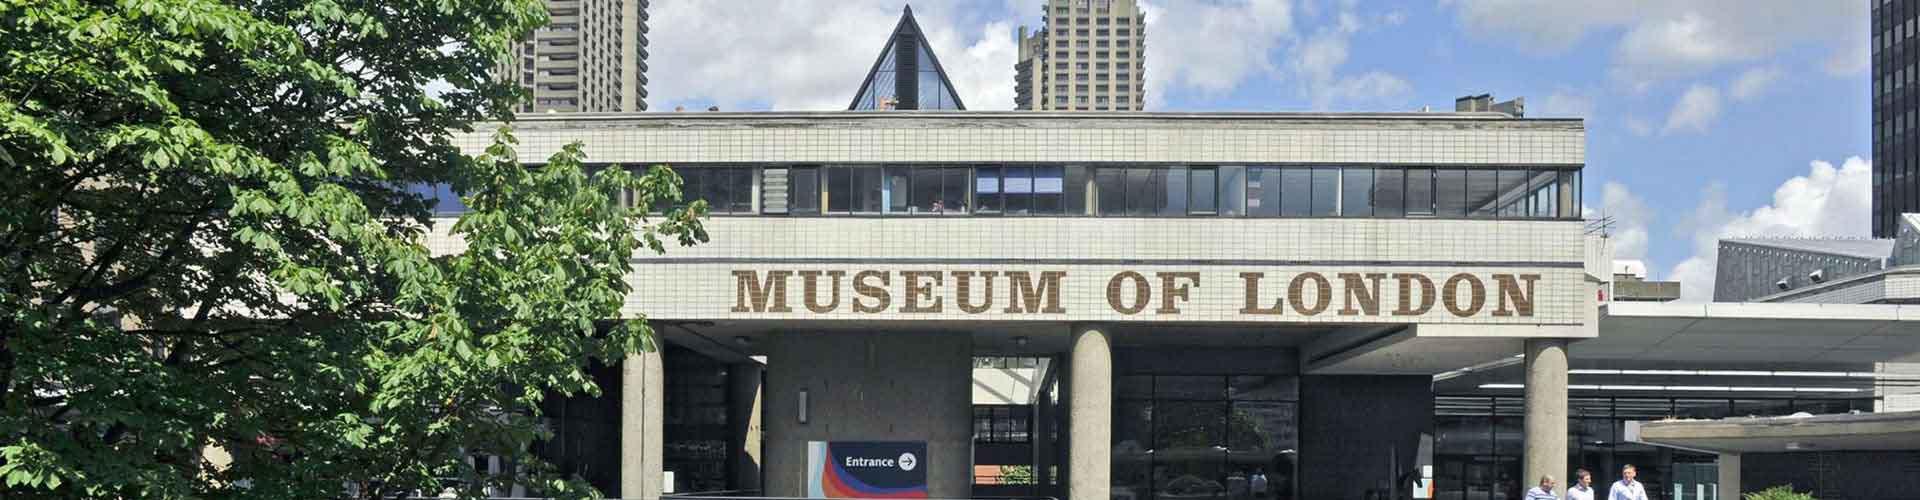 伦敦 – 伦敦博物馆 附近的青年旅舍。伦敦地图,伦敦 所有青年旅馆的照片和评分。